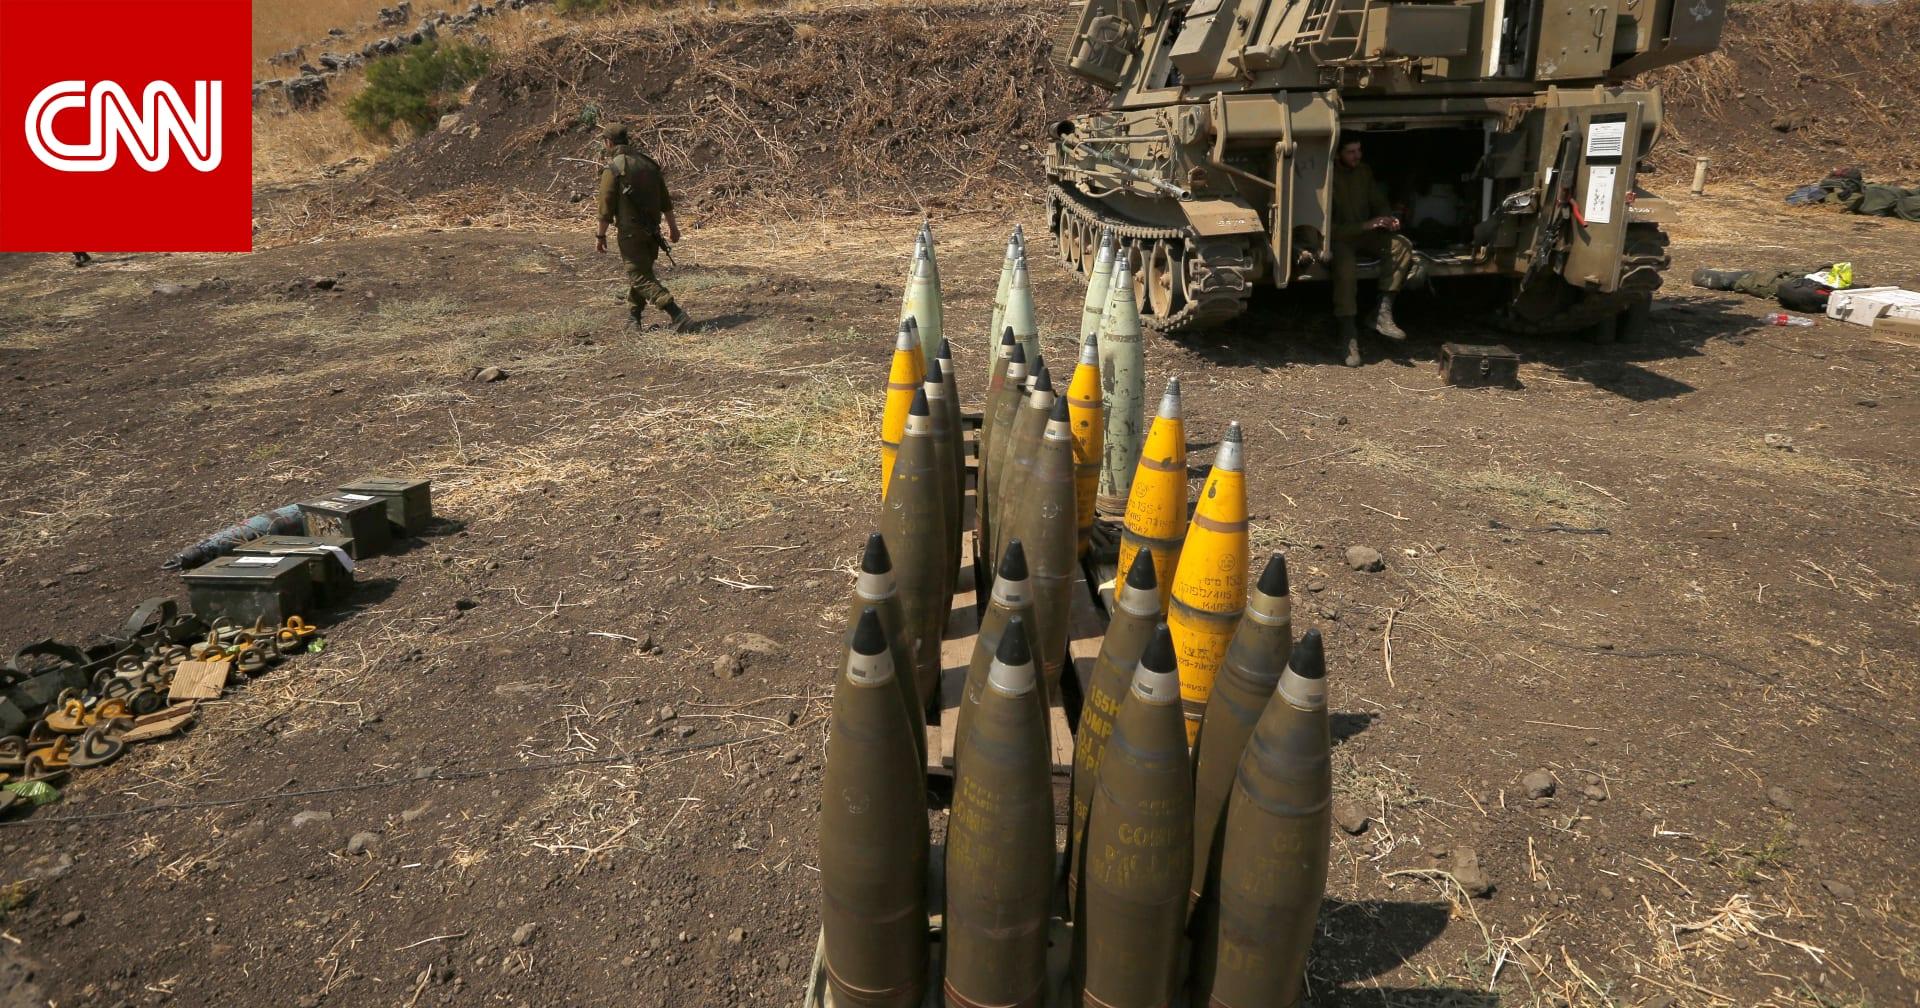 رئيس الأركان الإسرائيلي يوجه تحذيرا شديد اللهجة لسكان لبنان وغزة ويهدد إيران